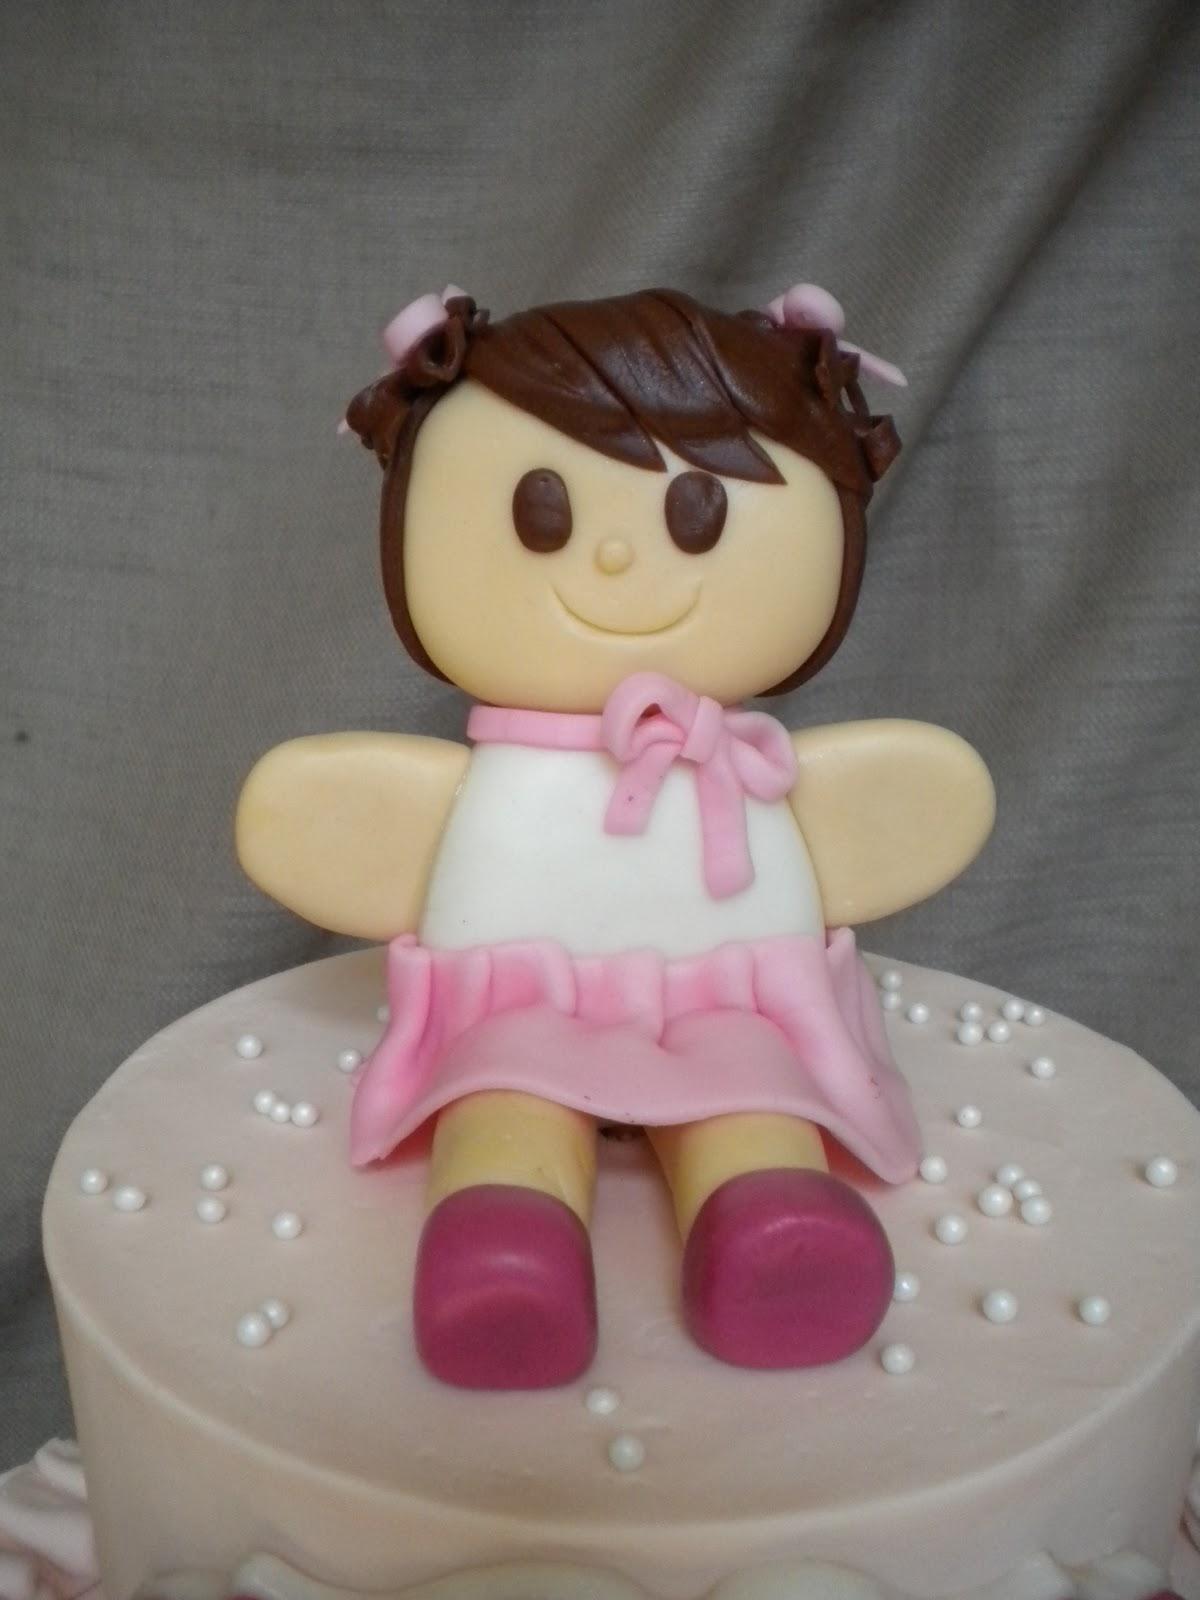 Flour Girl Designs Ruffles and a Rag Doll